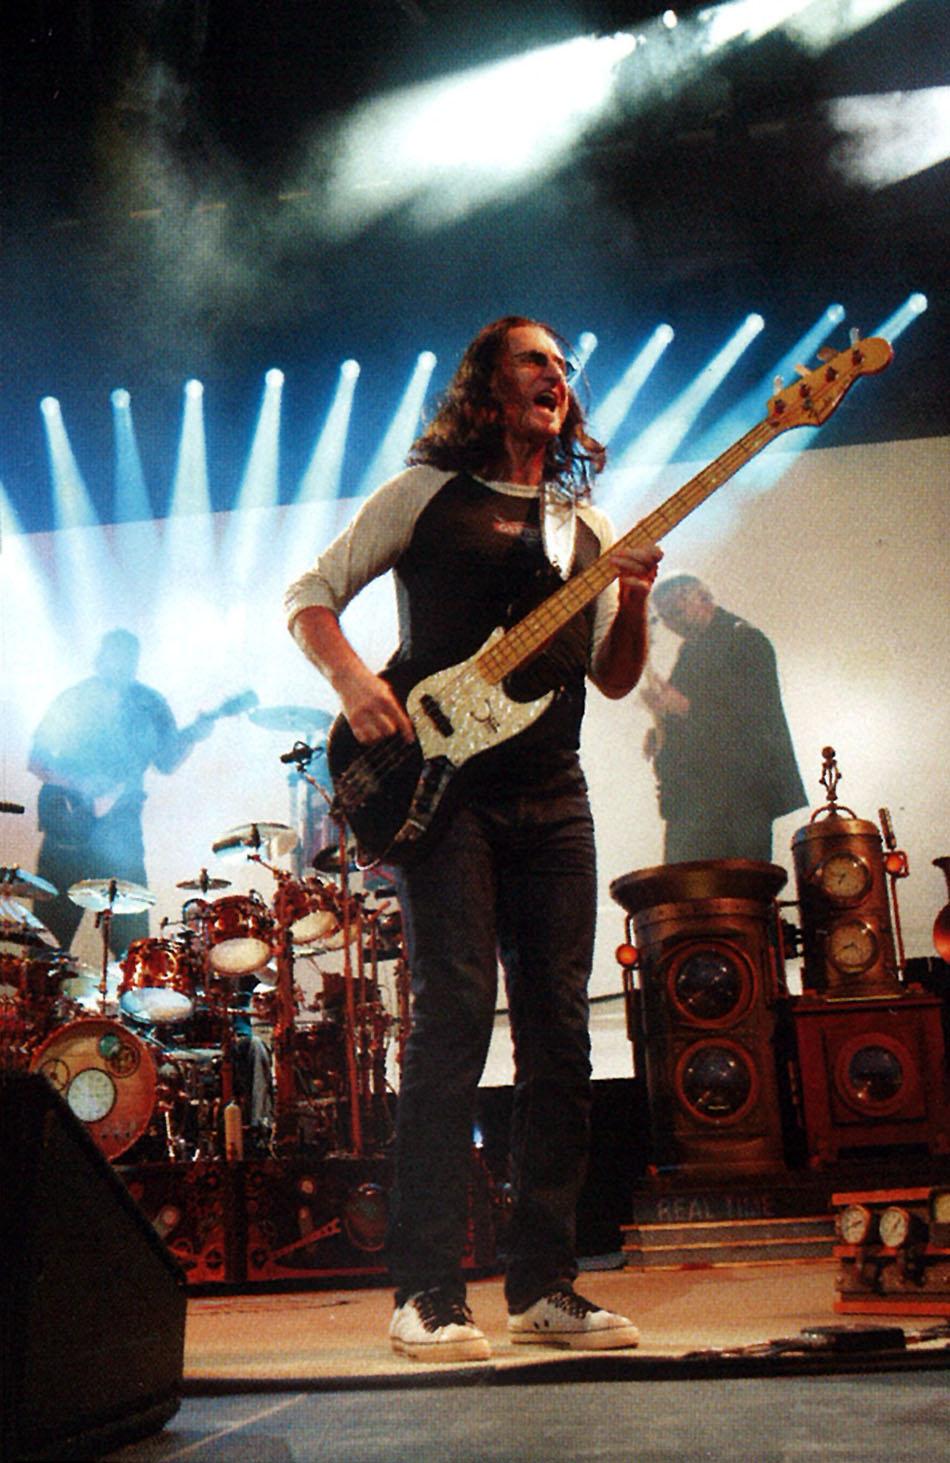 Rush Moving Pictures Live 2011 Album Artwork